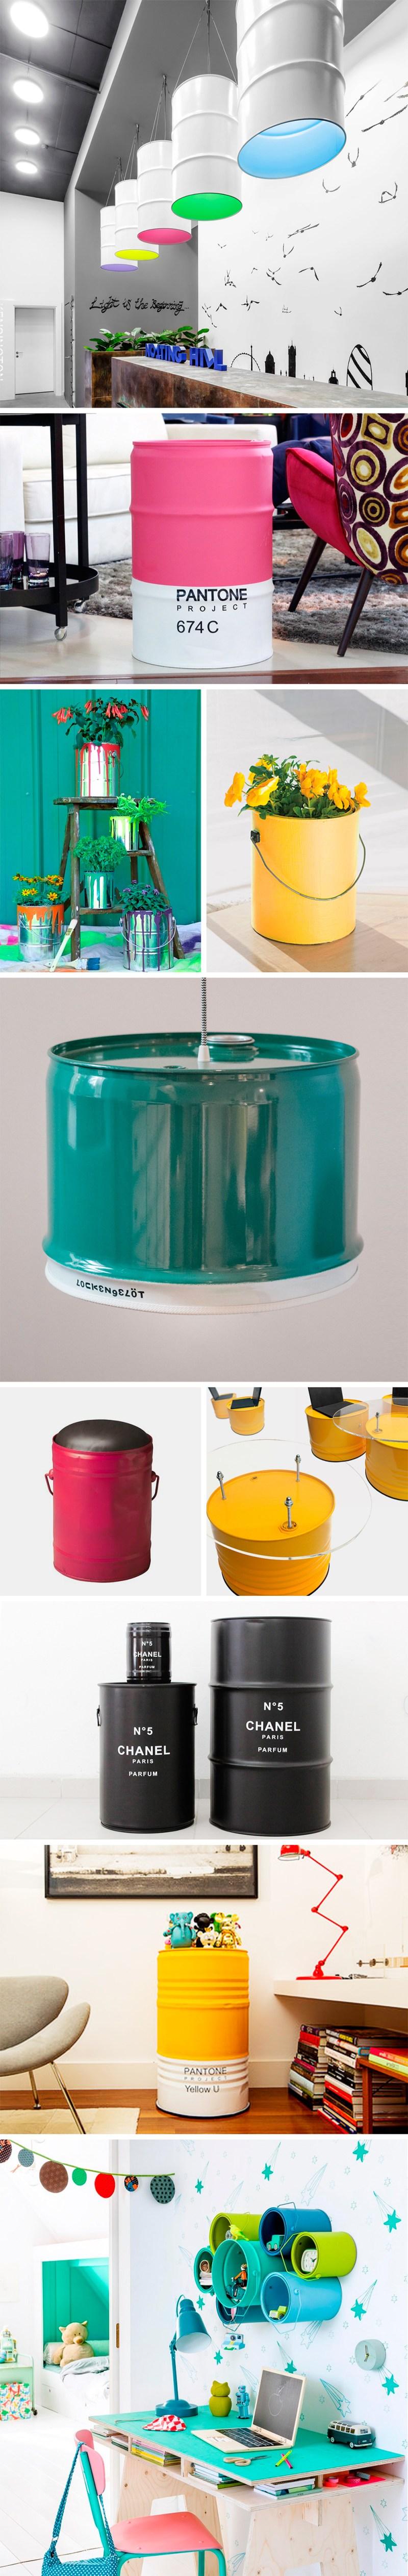 Inspiración upcycling. Qué haces con una lata grande (visto en IamaMessBlog)